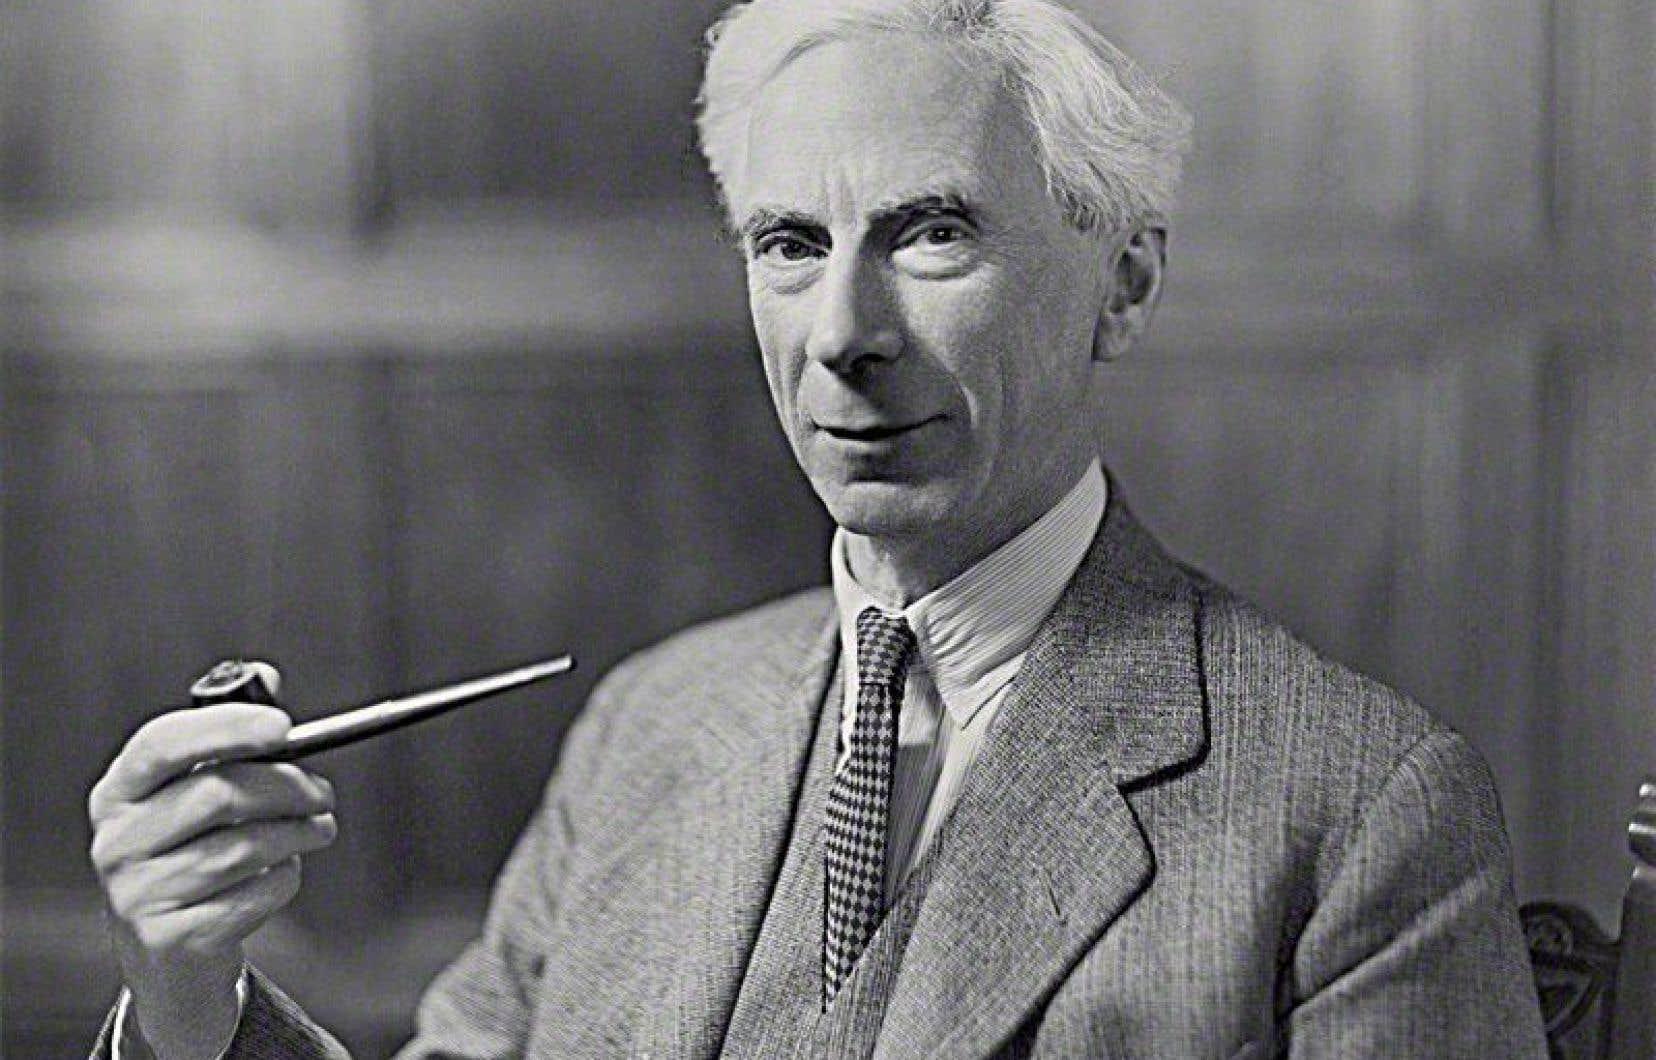 Écrit pendant la Première Guerre mondiale, le livre de Bertrand Russell contient des idées pacifistes et anticapitalistes.